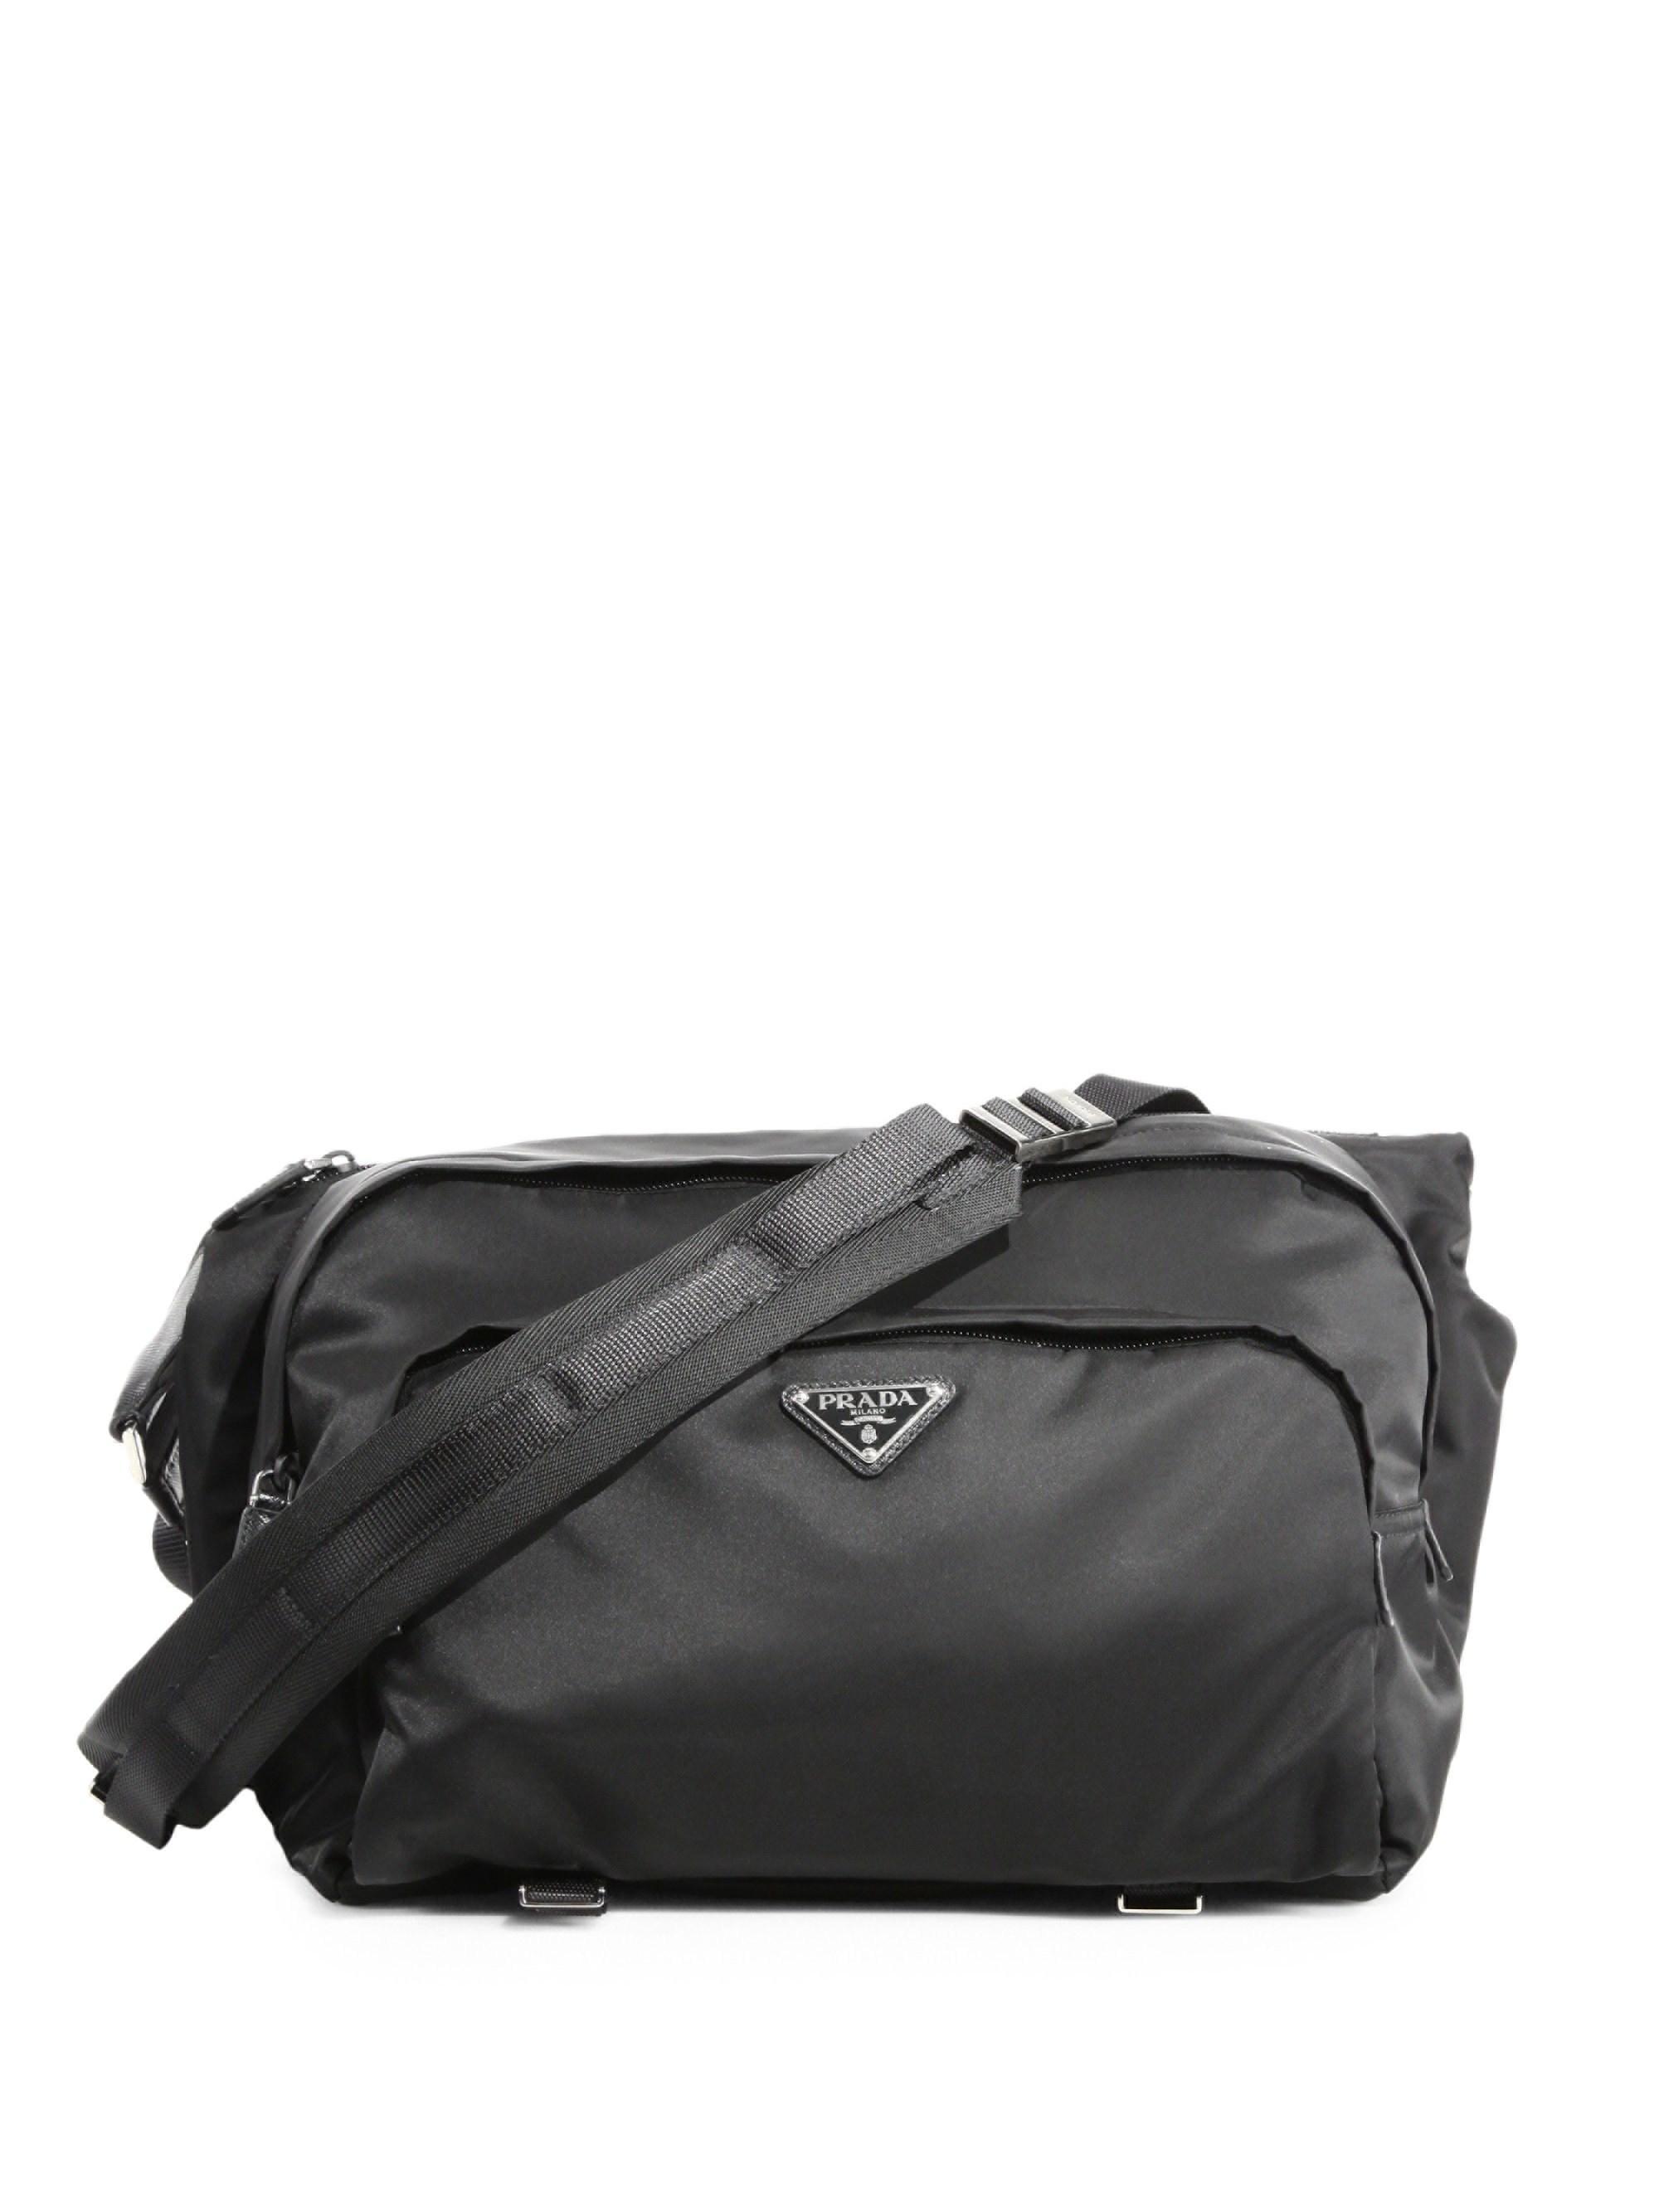 Prada - Men s Bandoliera Nylon Waist Pack - Black for Men - Lyst. View  fullscreen e9e70a04ff5e4